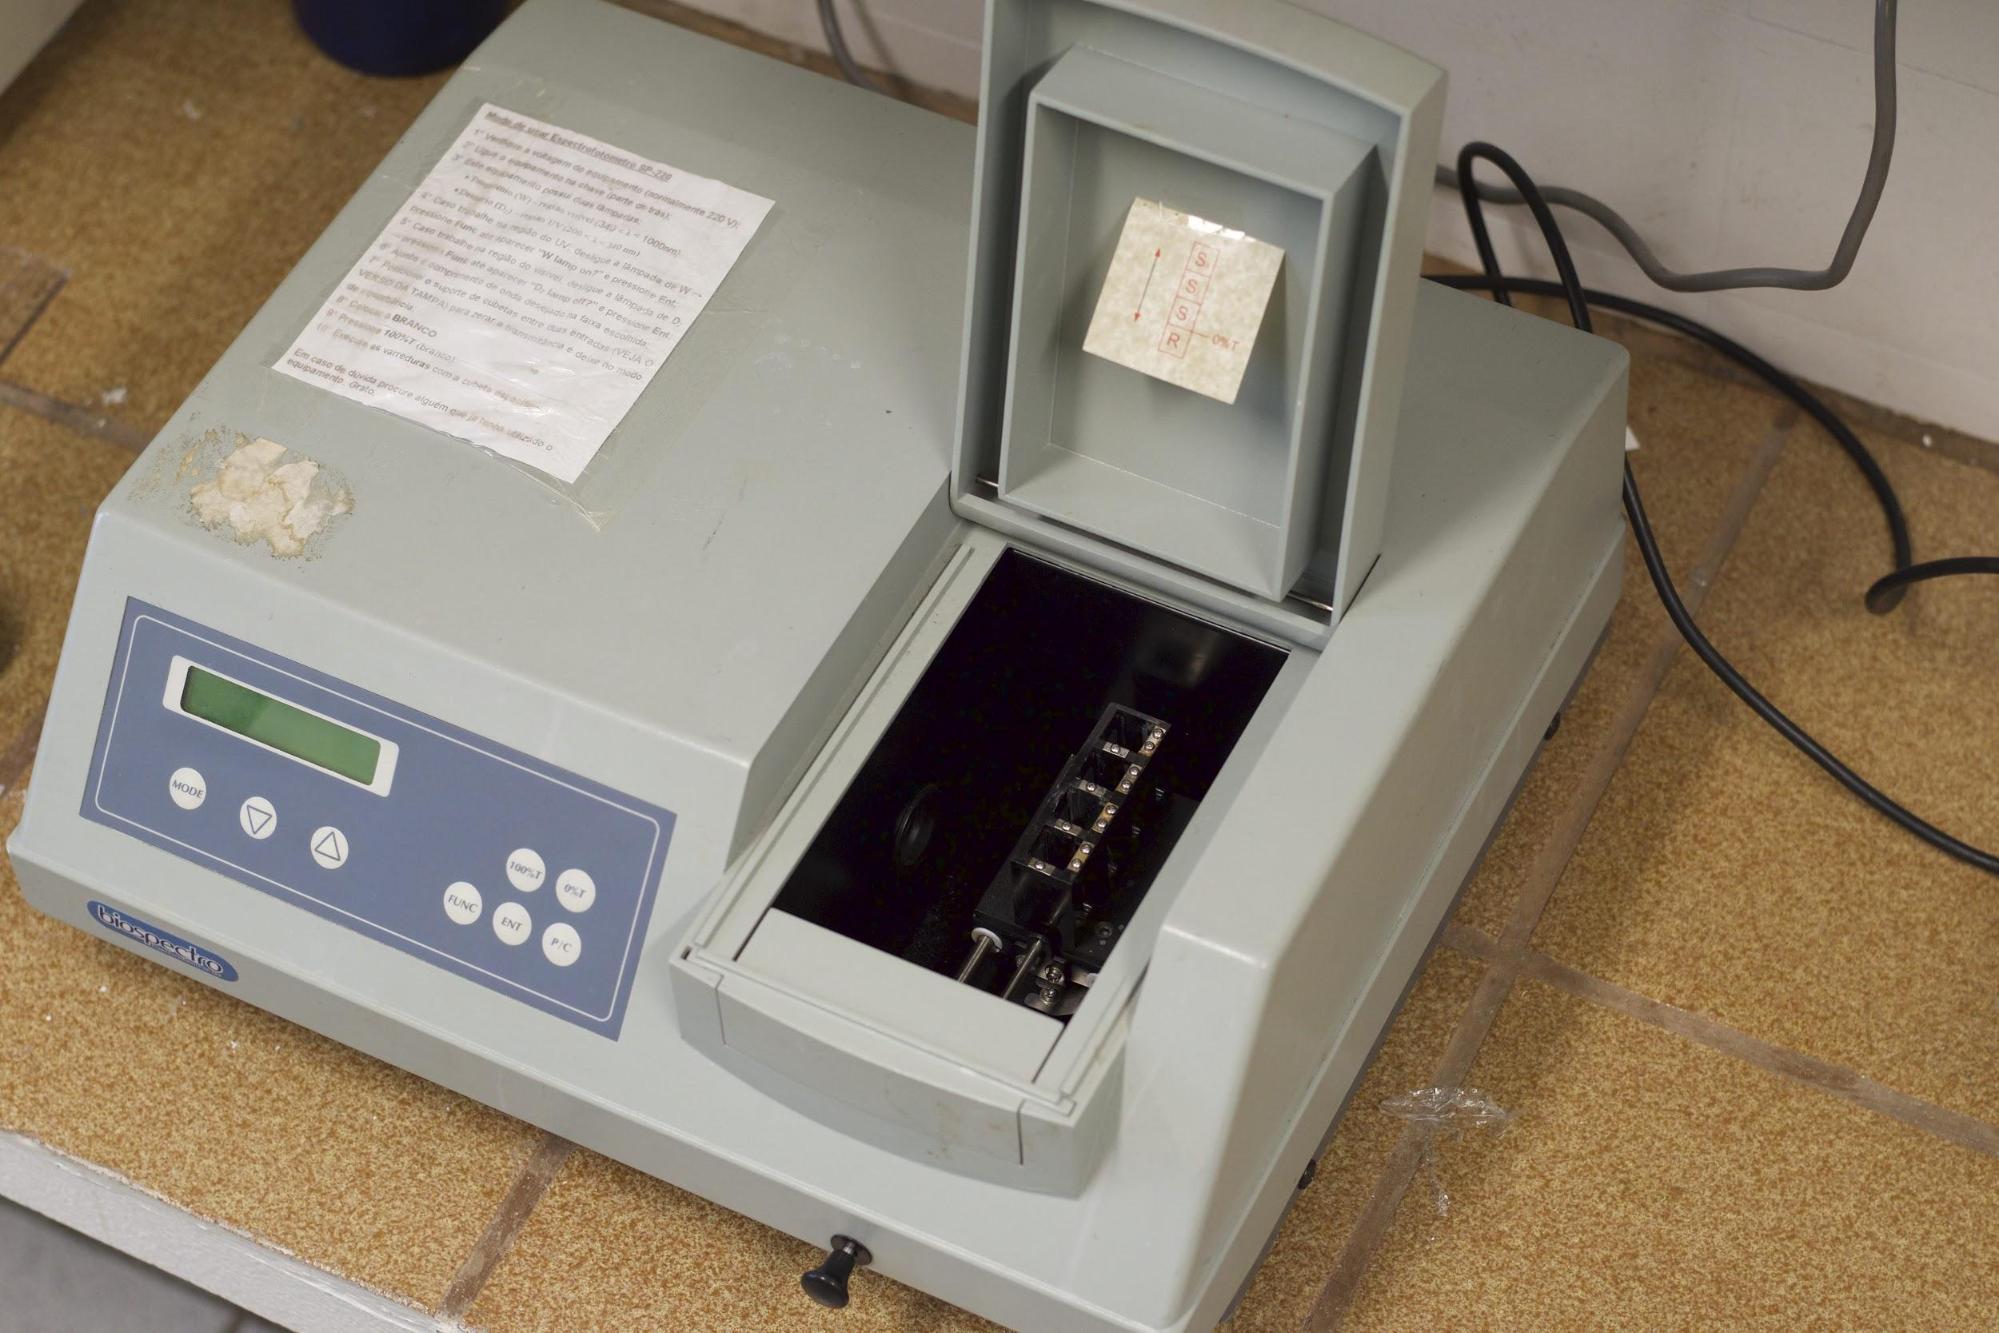 Figura 1: Espectrofotômetro Uv-Vis de bancada, marca Biospectro, modelo SP-220.<br/>FONTE: BIOPOL, (2020).